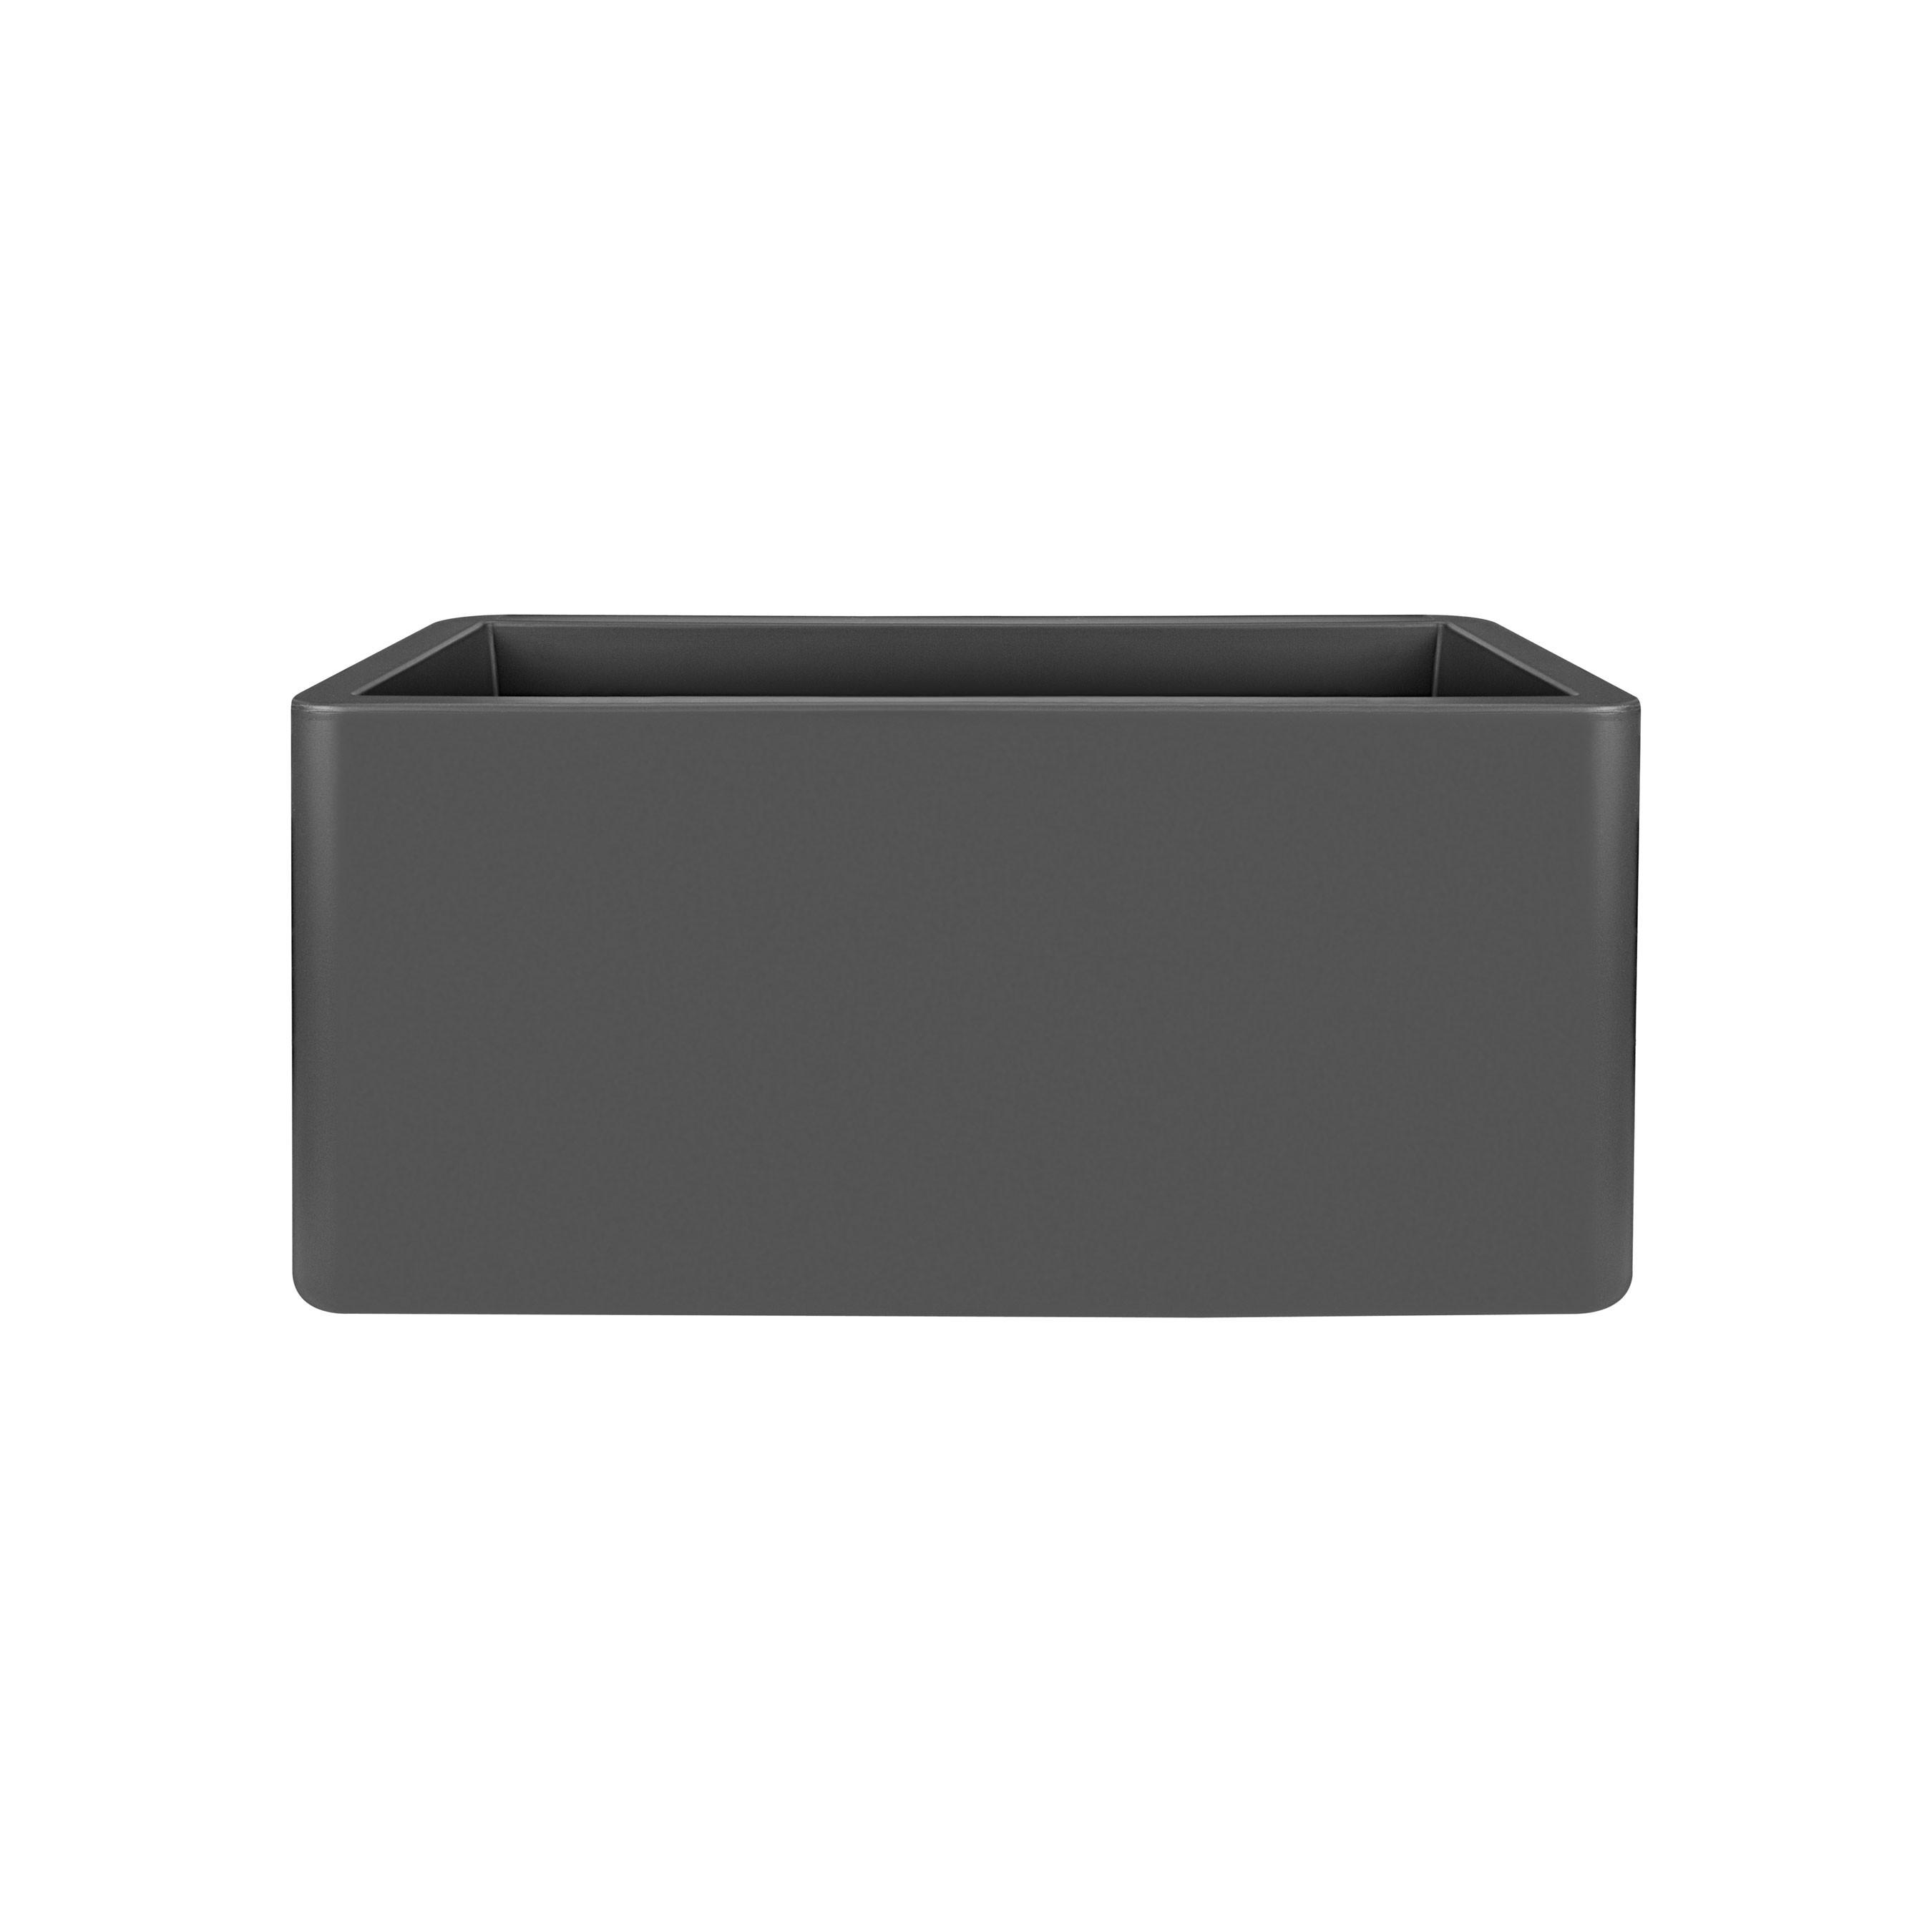 Pflanzkasten elho Pure Soft Brick Long 80x39x39cm anthrazit Bild 1